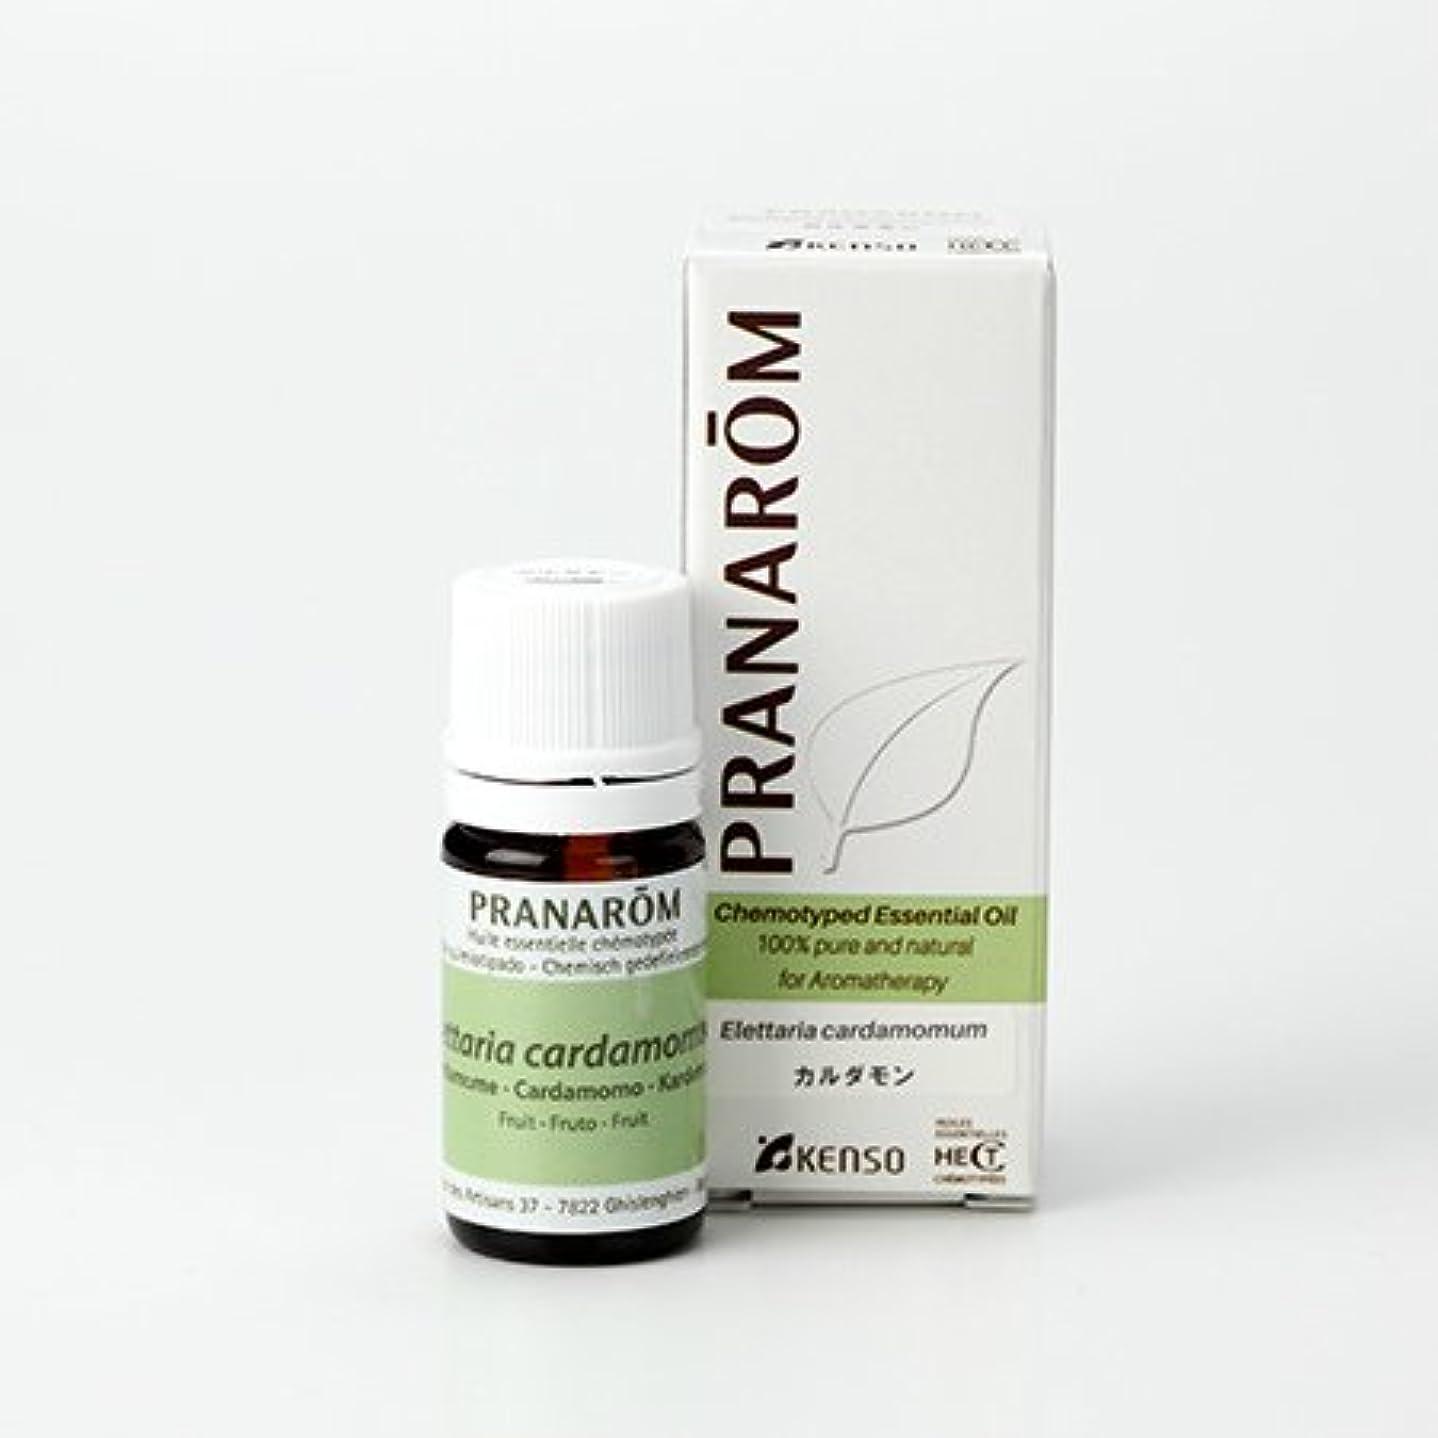 アデレード怪物サンダープラナロム カルダモン 5ml (PRANAROM ケモタイプ精油)